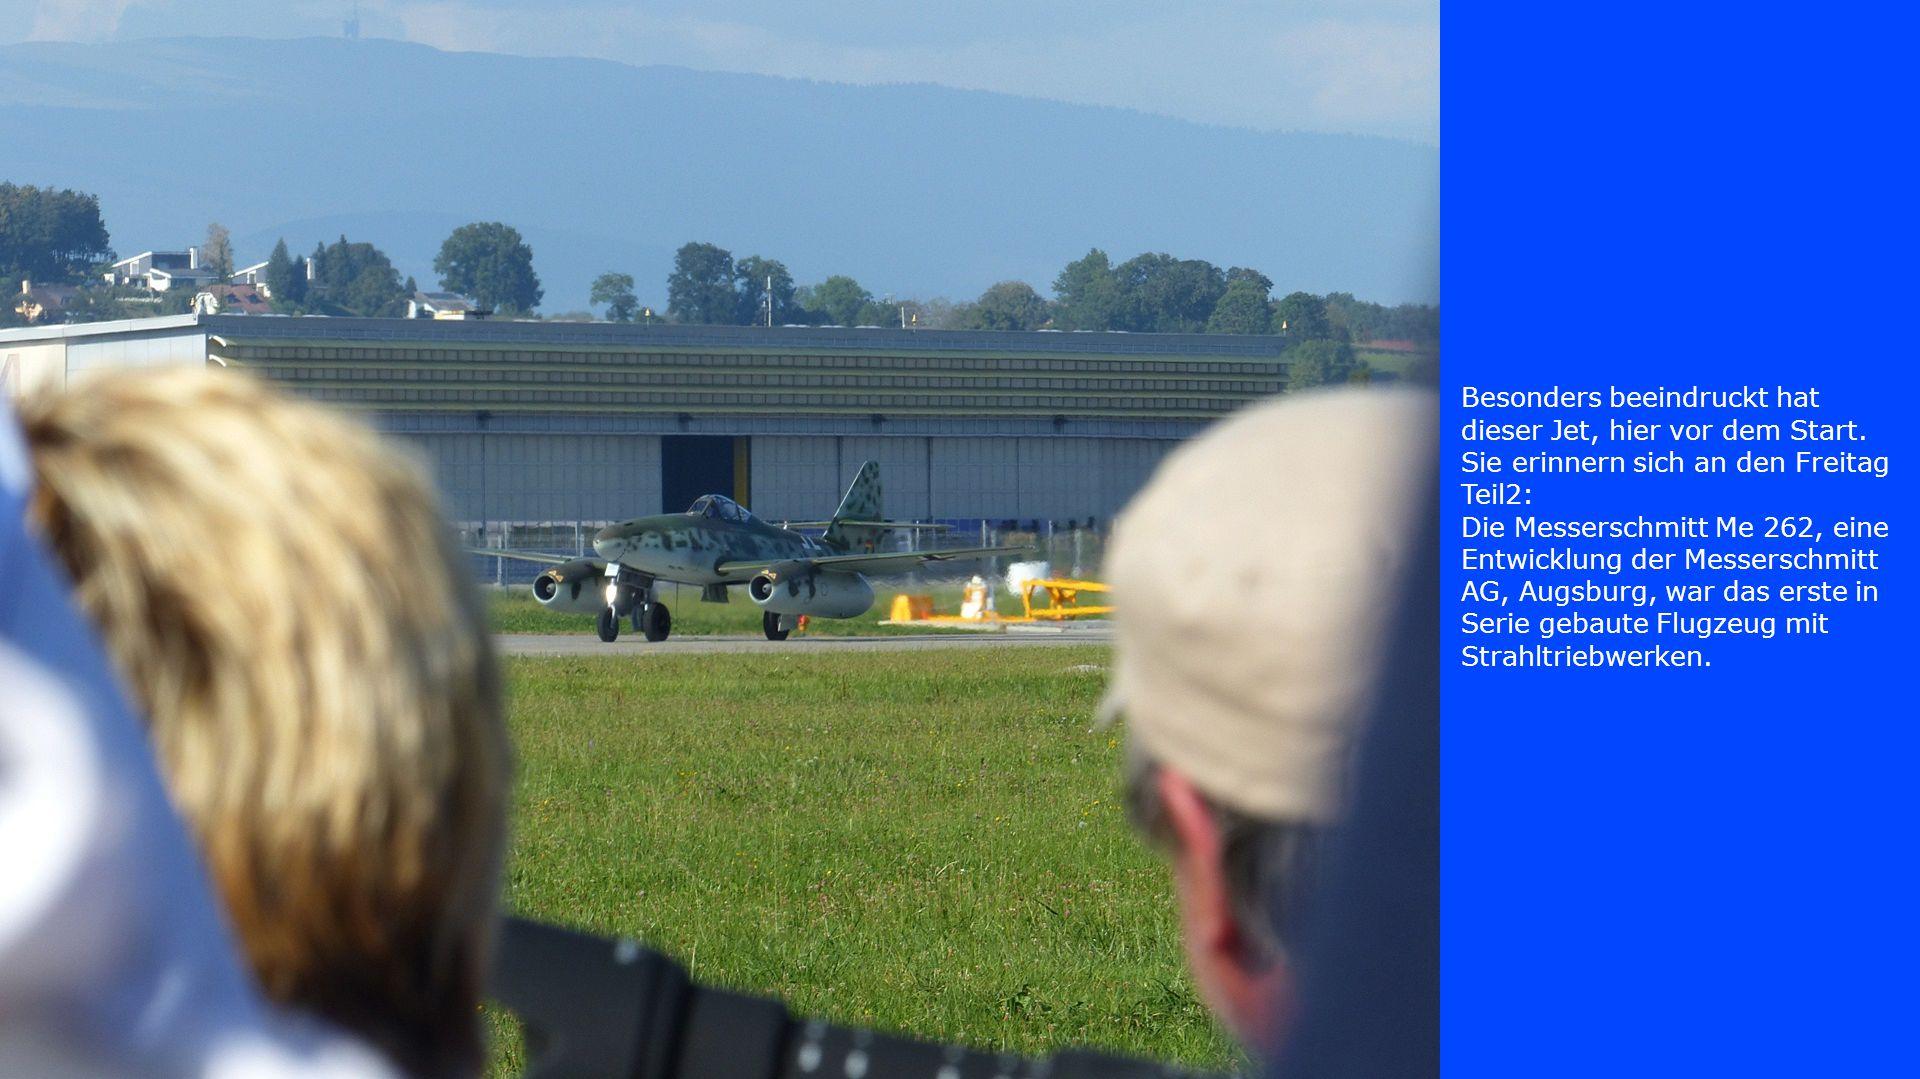 Besonders beeindruckt hat dieser Jet, hier vor dem Start. Sie erinnern sich an den Freitag Teil2: Die Messerschmitt Me 262, eine Entwicklung der Messe